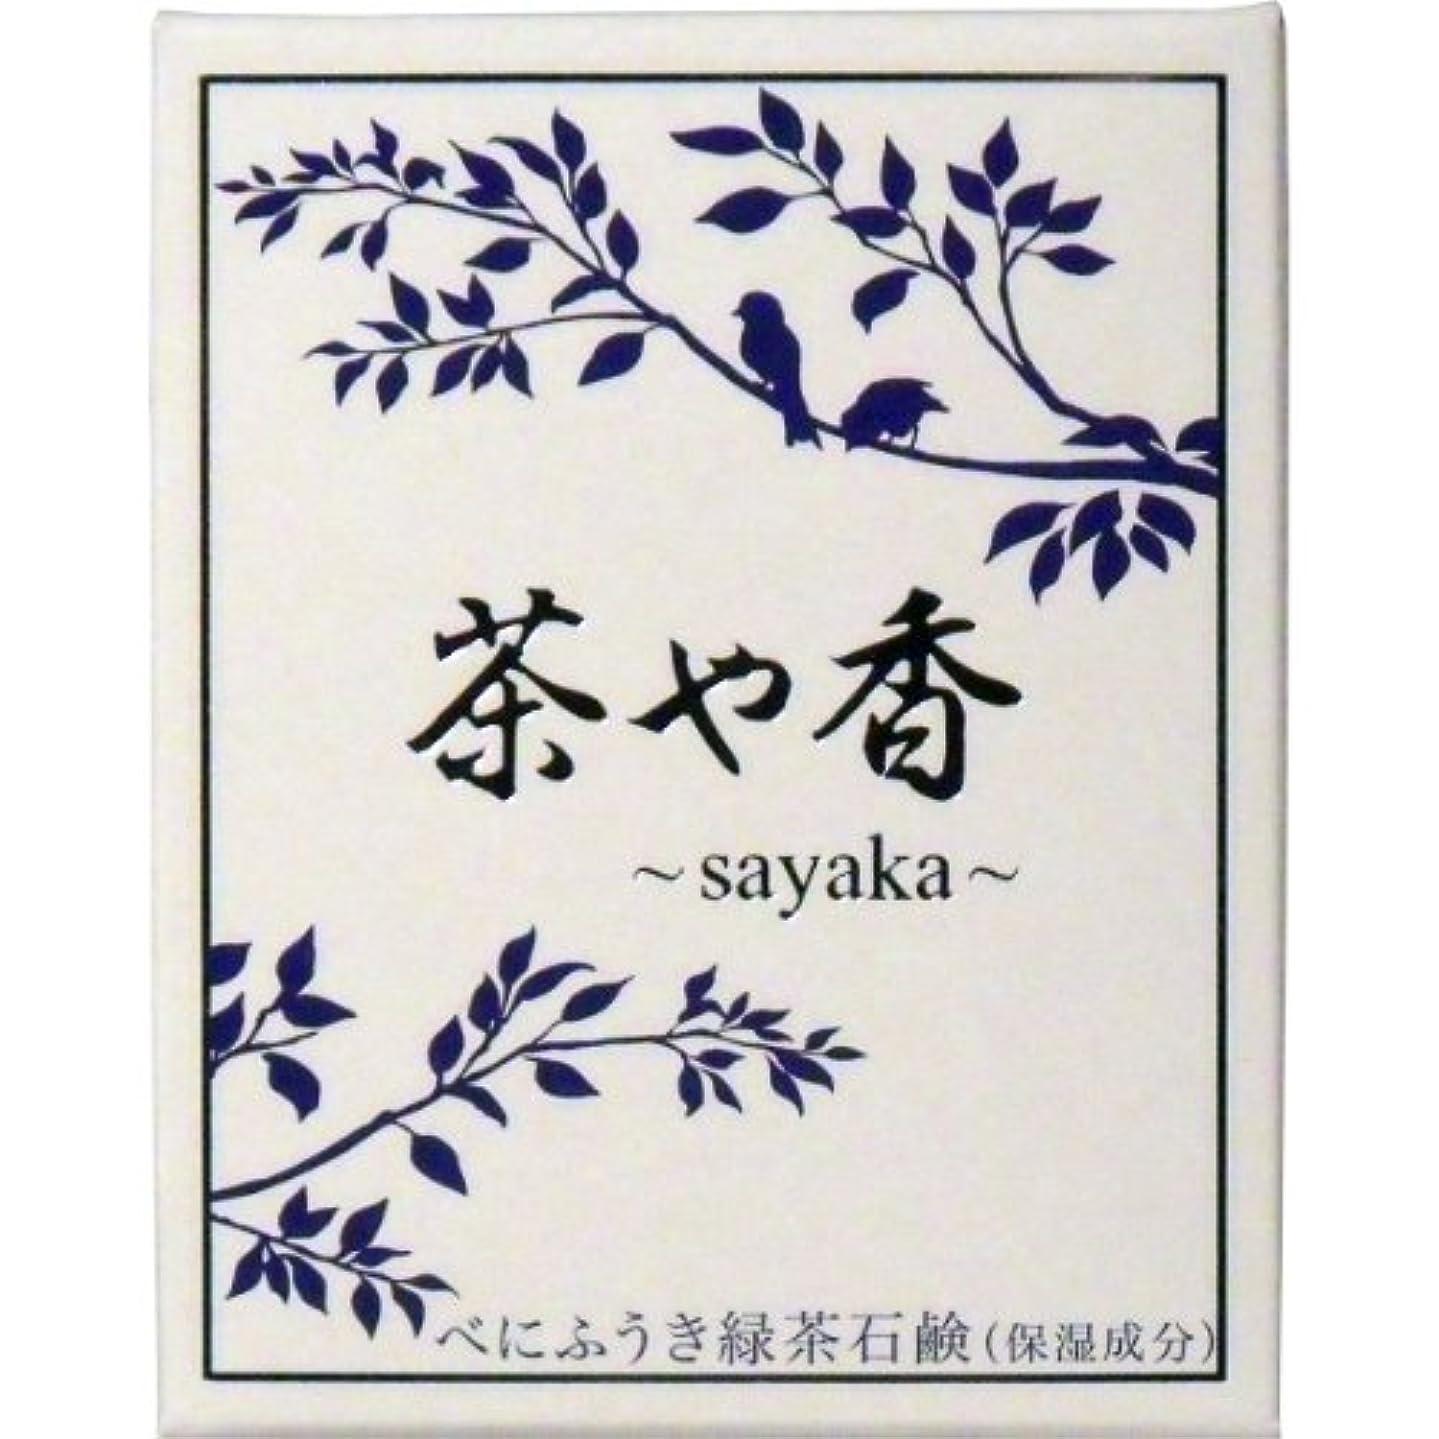 夢親愛な前件茶や香 -sayaka- べにふうき緑茶石鹸 100g入 ×3個セット